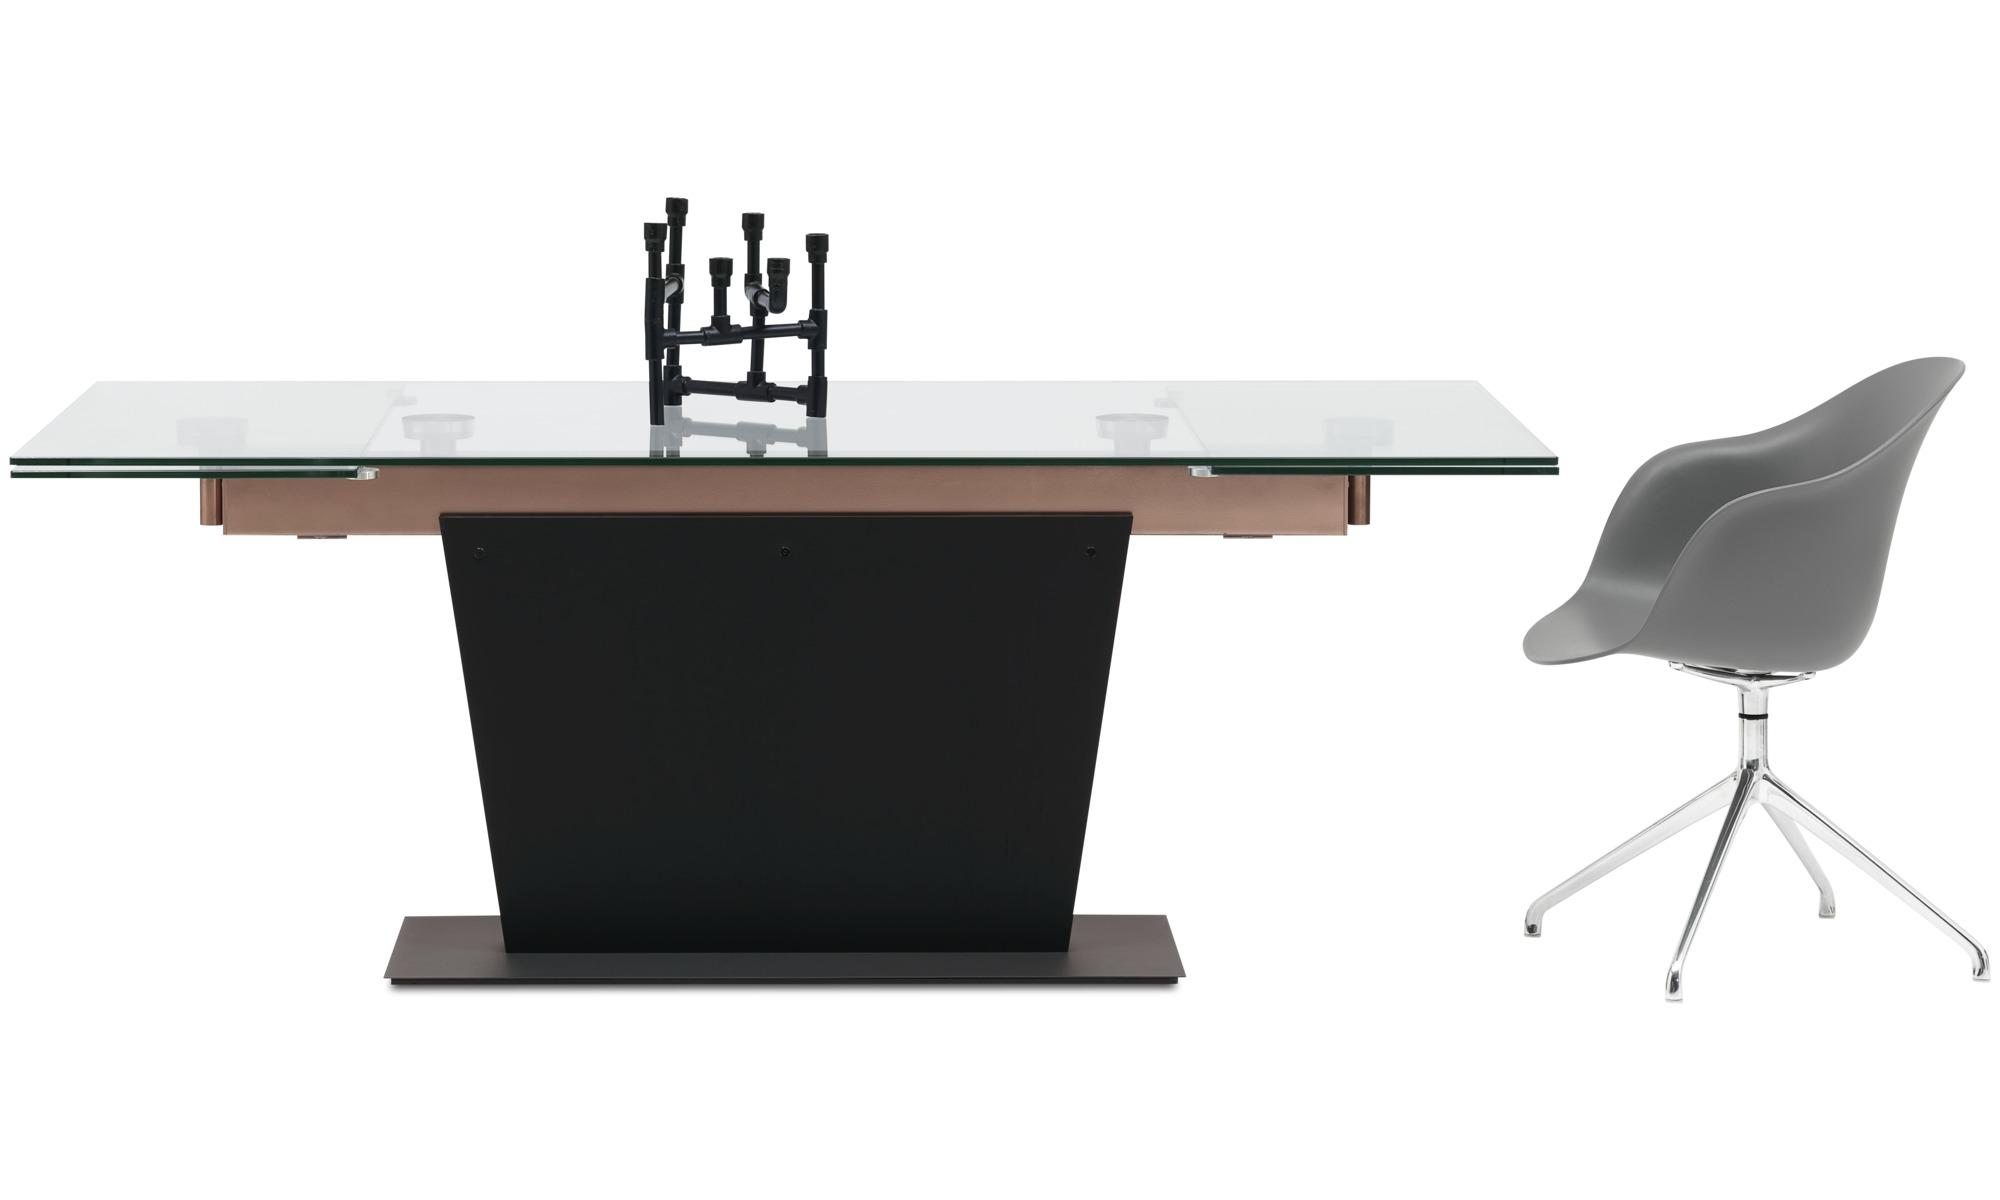 Ansprechend Esszimmerstühle Metall Sammlung Von Esszimmerstühle - Adelaide Stuhl Mit Drehfunktion -